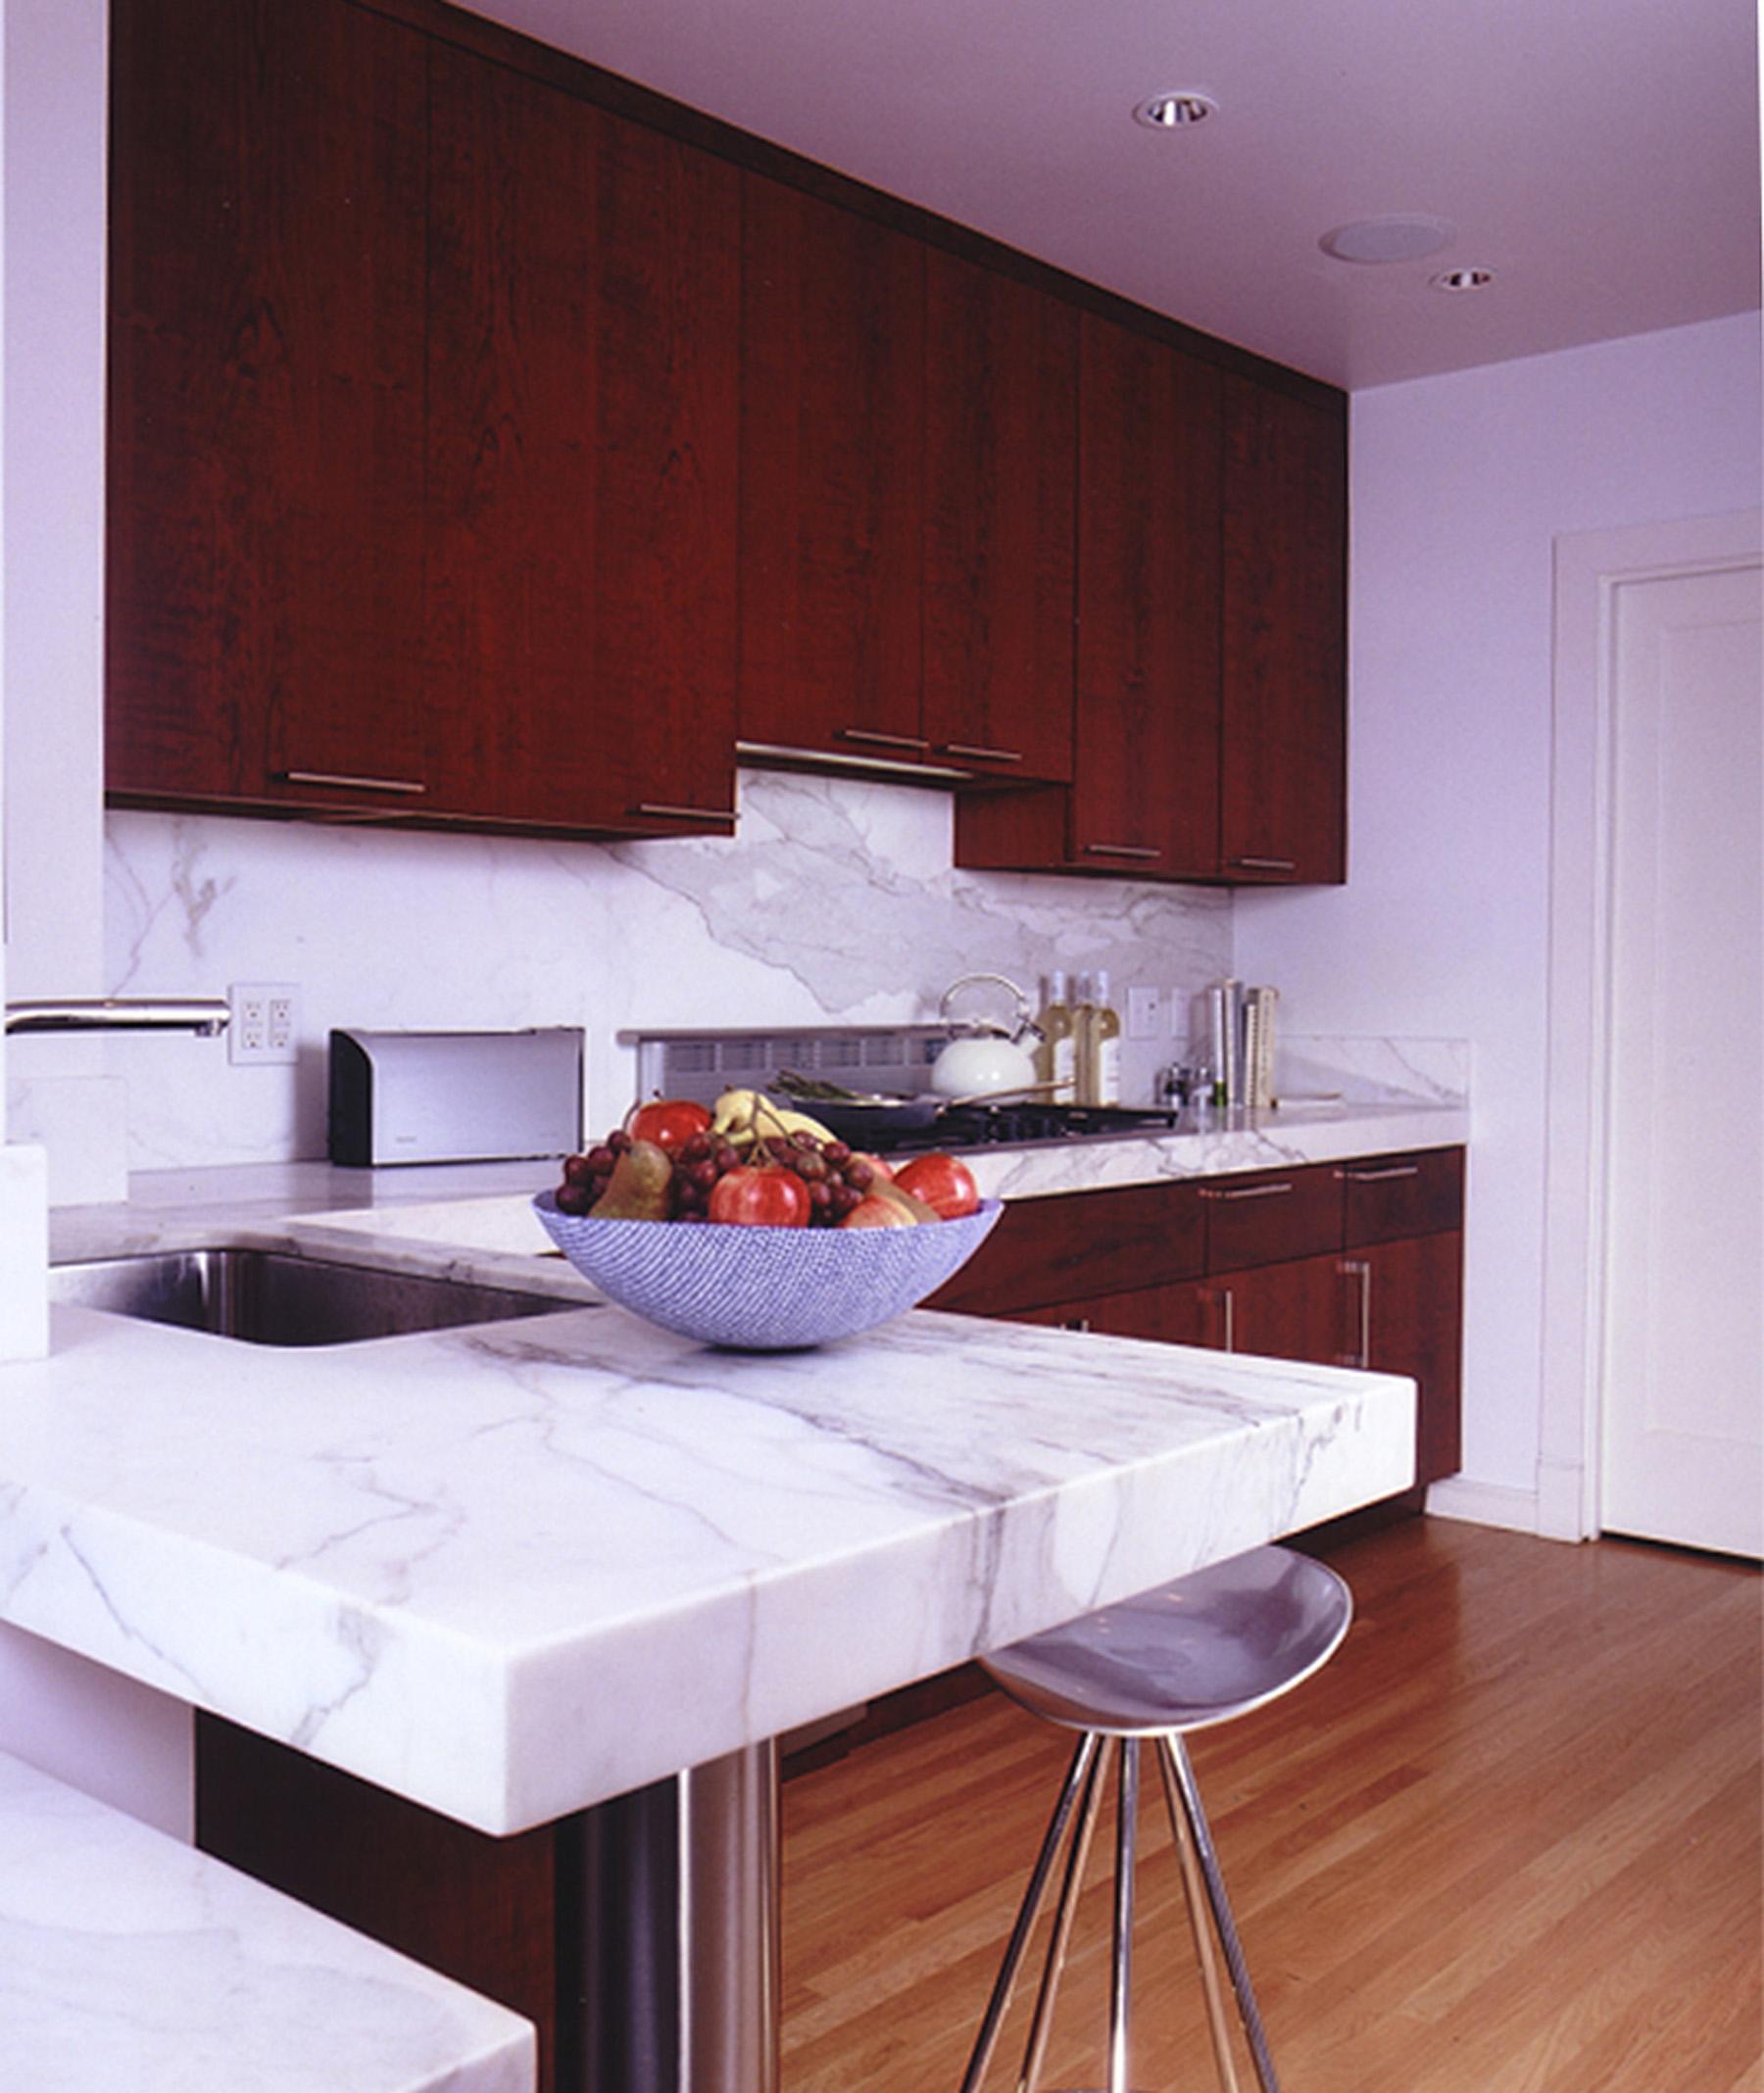 4 - 429 Douglass Kitchen.jpg